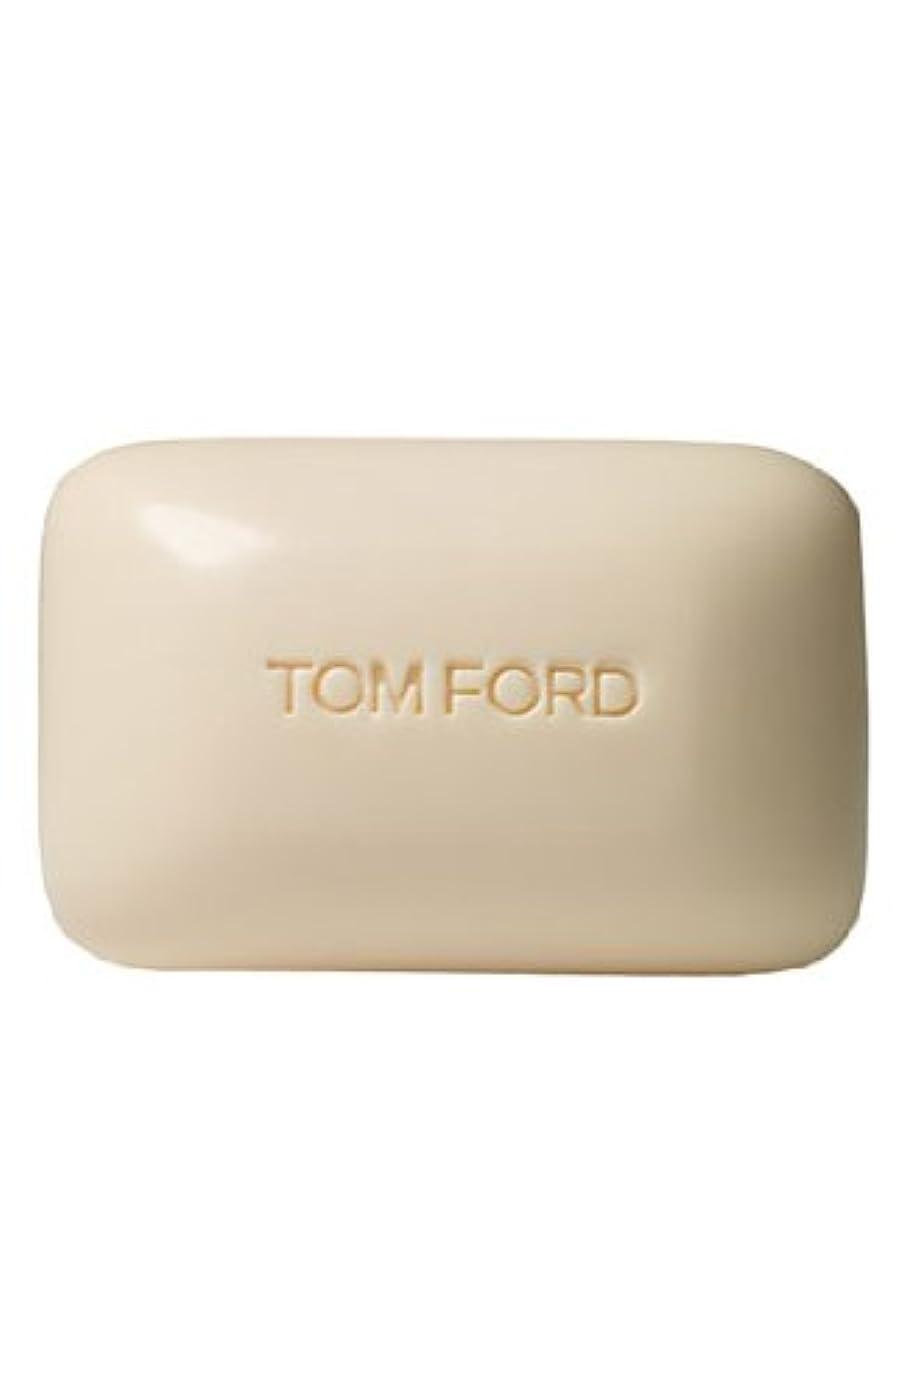 ダム検索エンジンマーケティングそれTom Ford Private Blend 'Neroli Portofino' (トムフォード プライベートブレンド ネロリポートフィーノ) 5.5 oz (165ml) Bar Soap (固形石鹸)